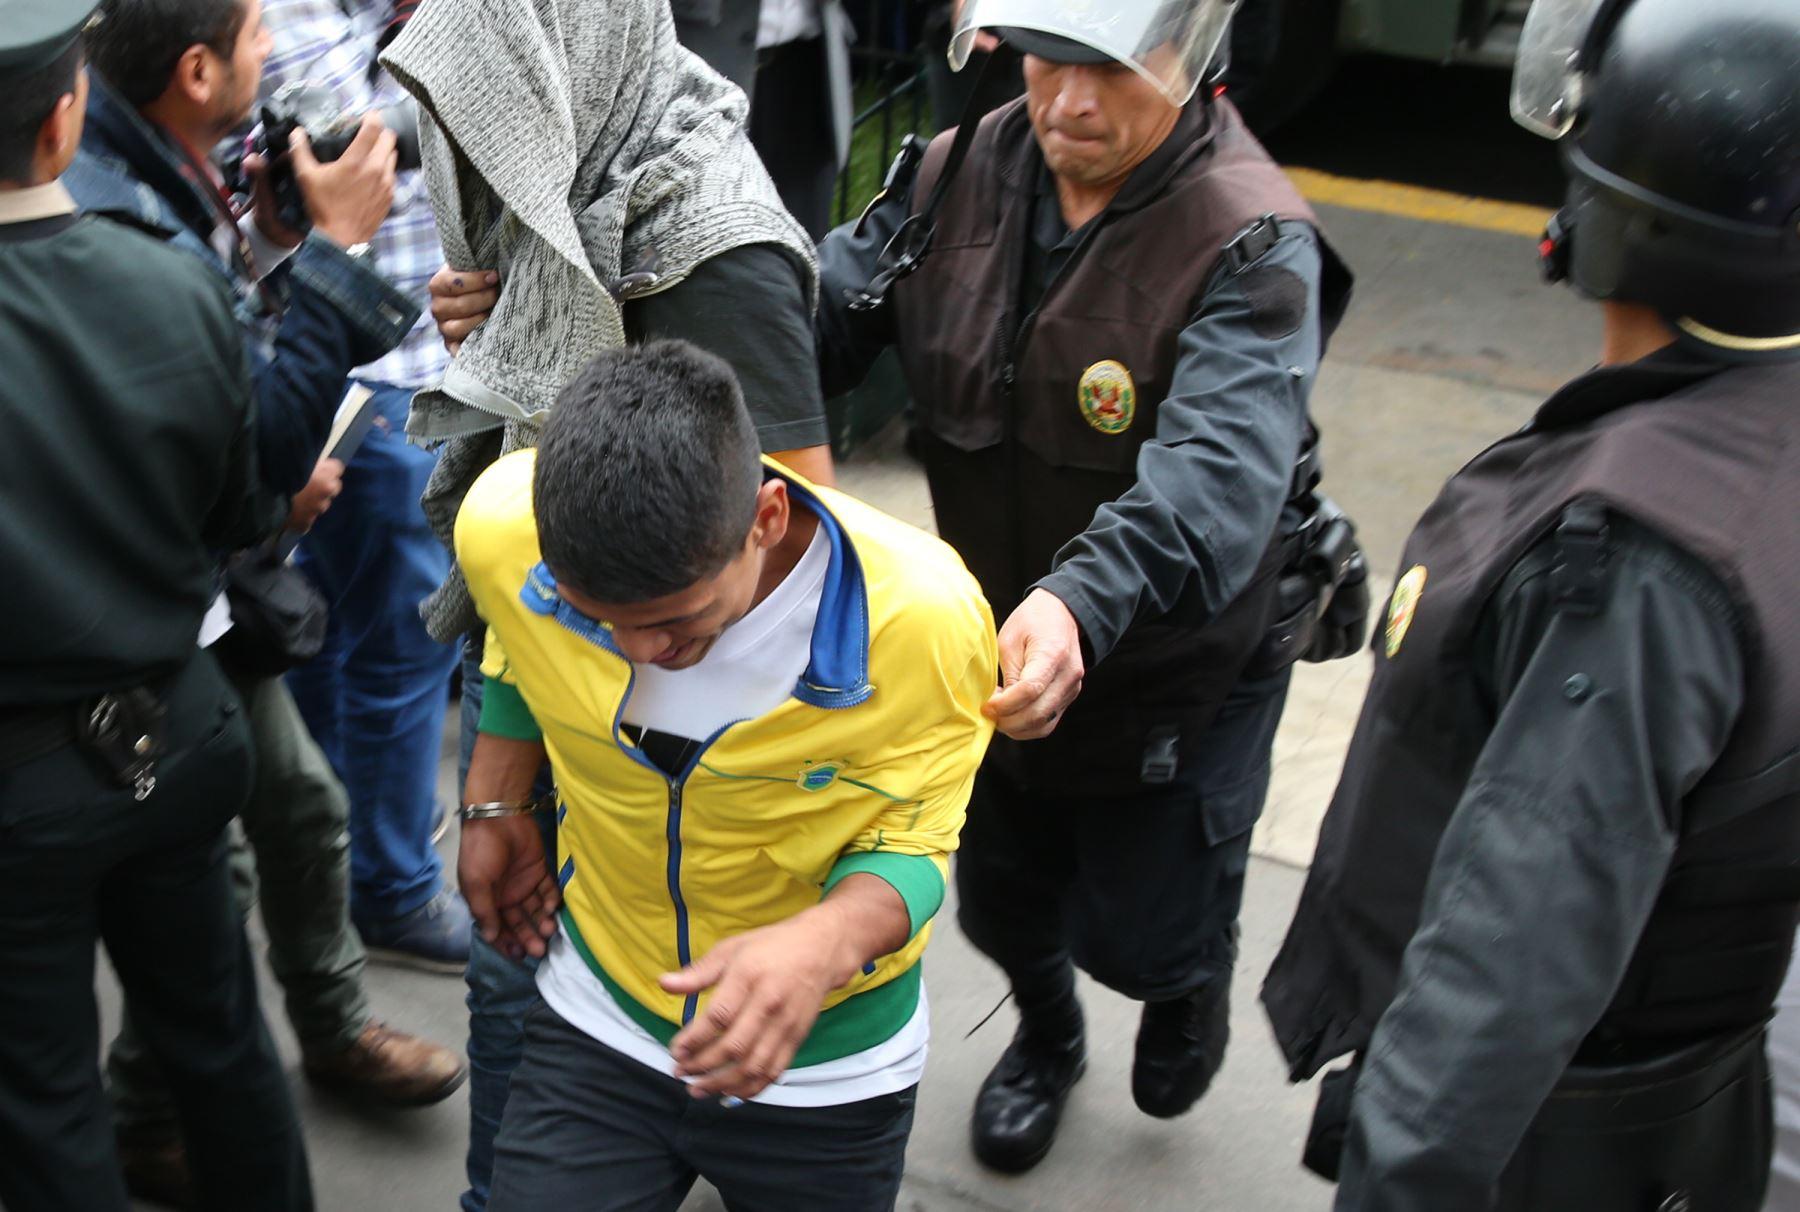 Trasladan a vándalos de Miraflores al Ministerio Público. Foto: ANDINA/Norman Córdova